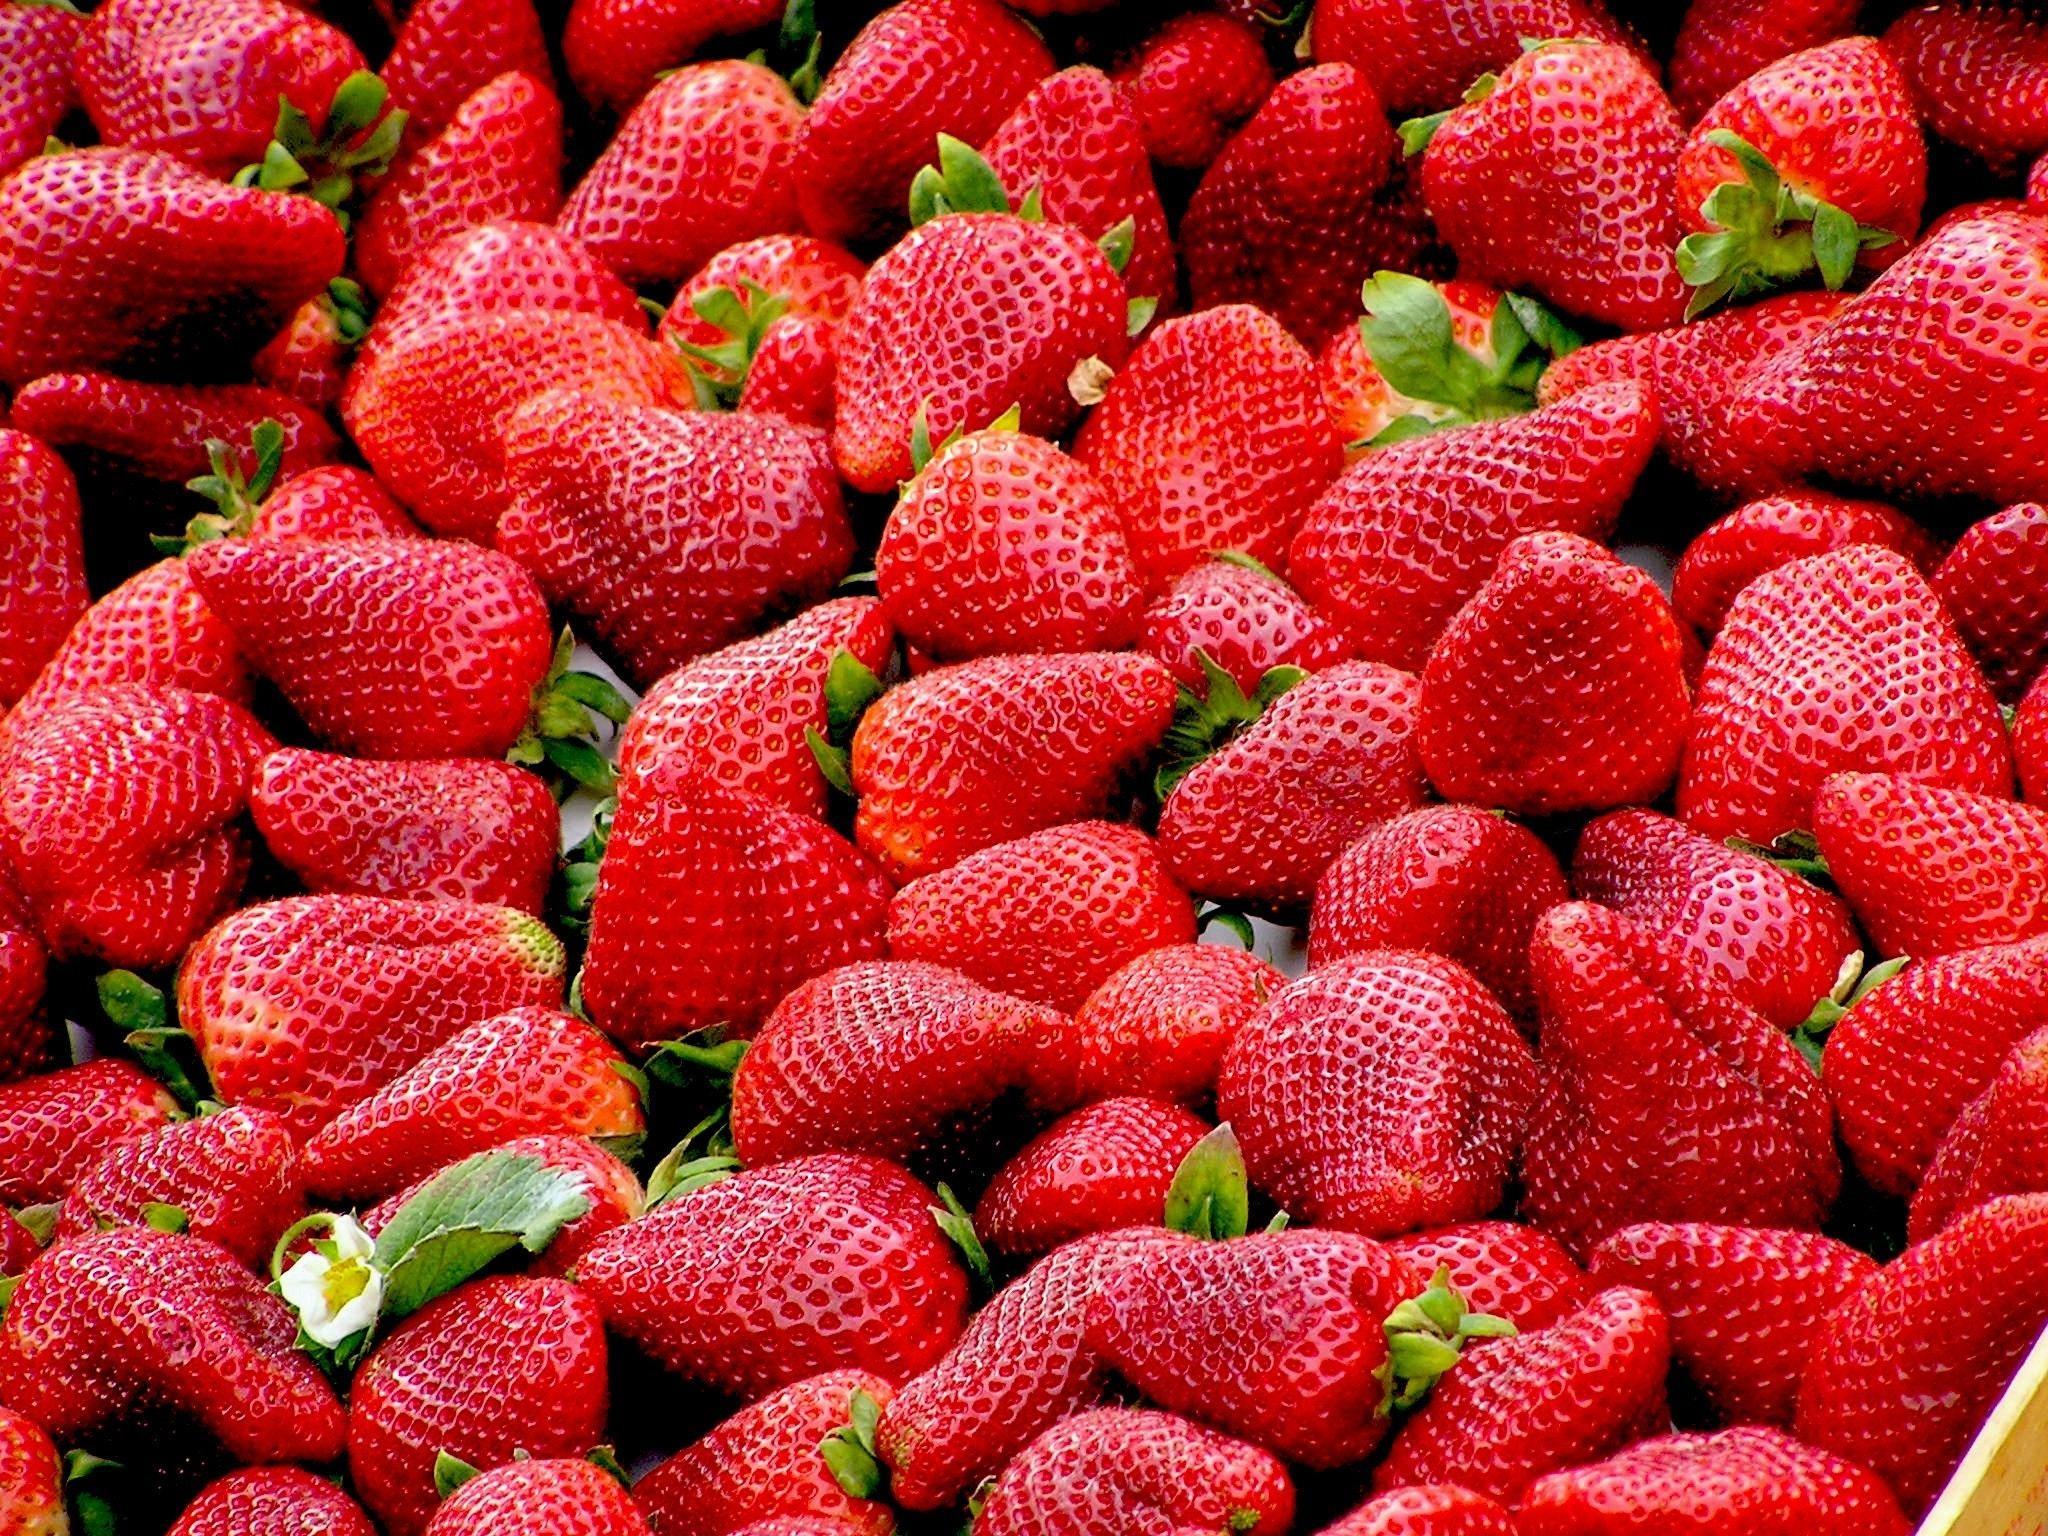 growing strawberries